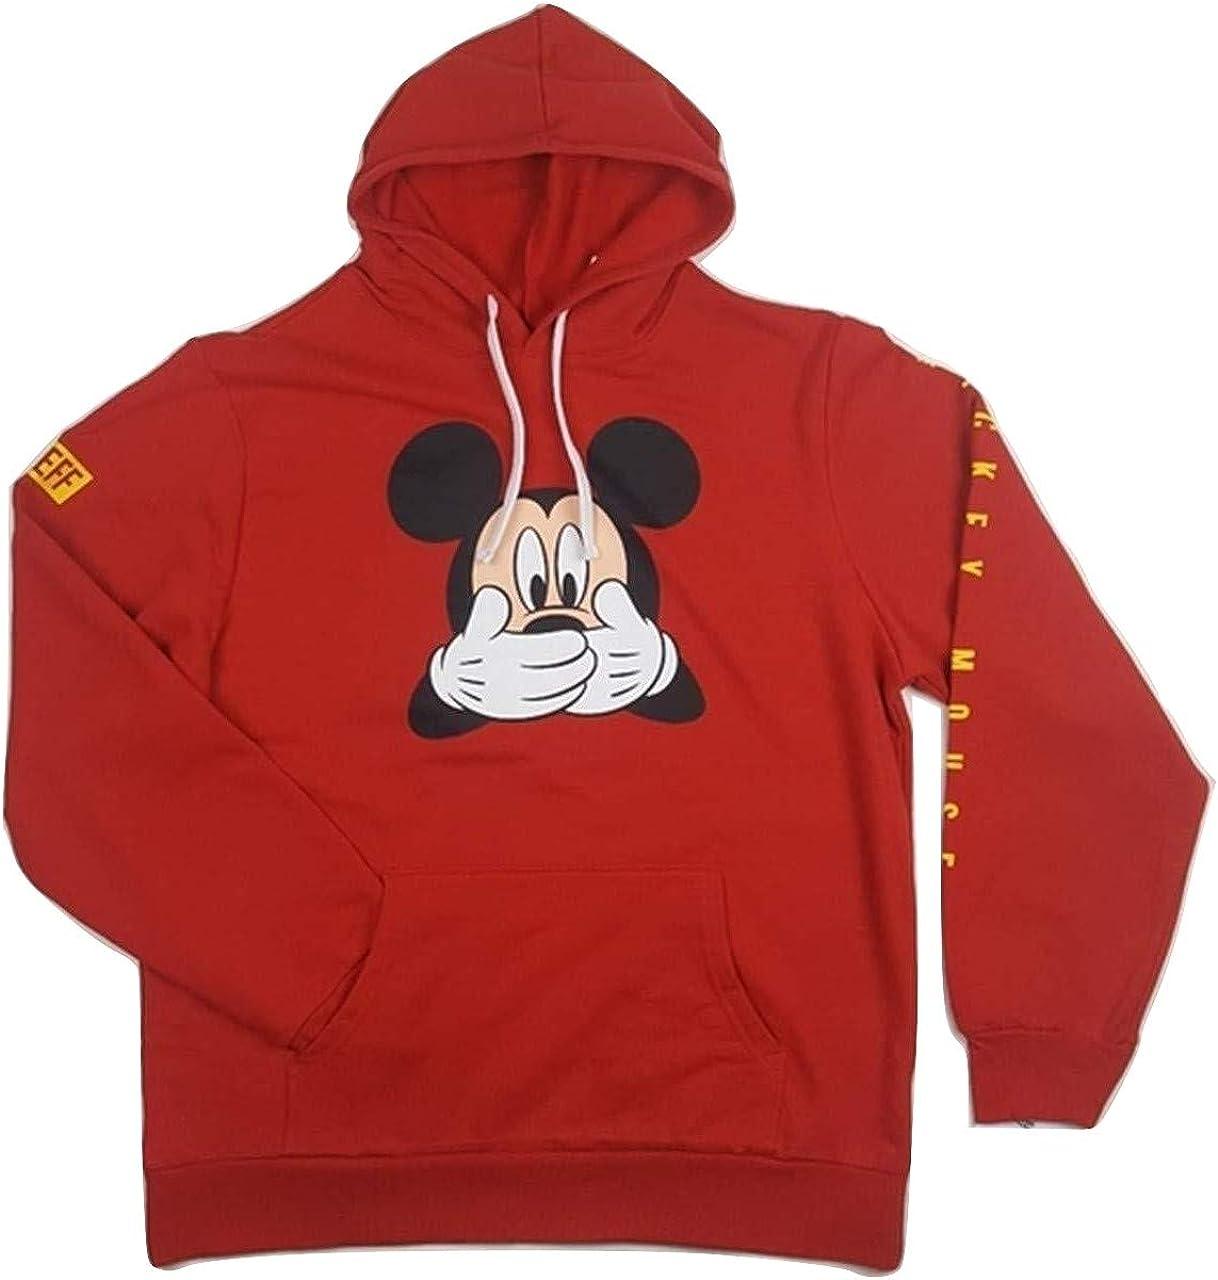 Medium Cute Mickey Mouse Hoodie Funny Love Cartoon Gift Adult /&Kids Hoodie Top